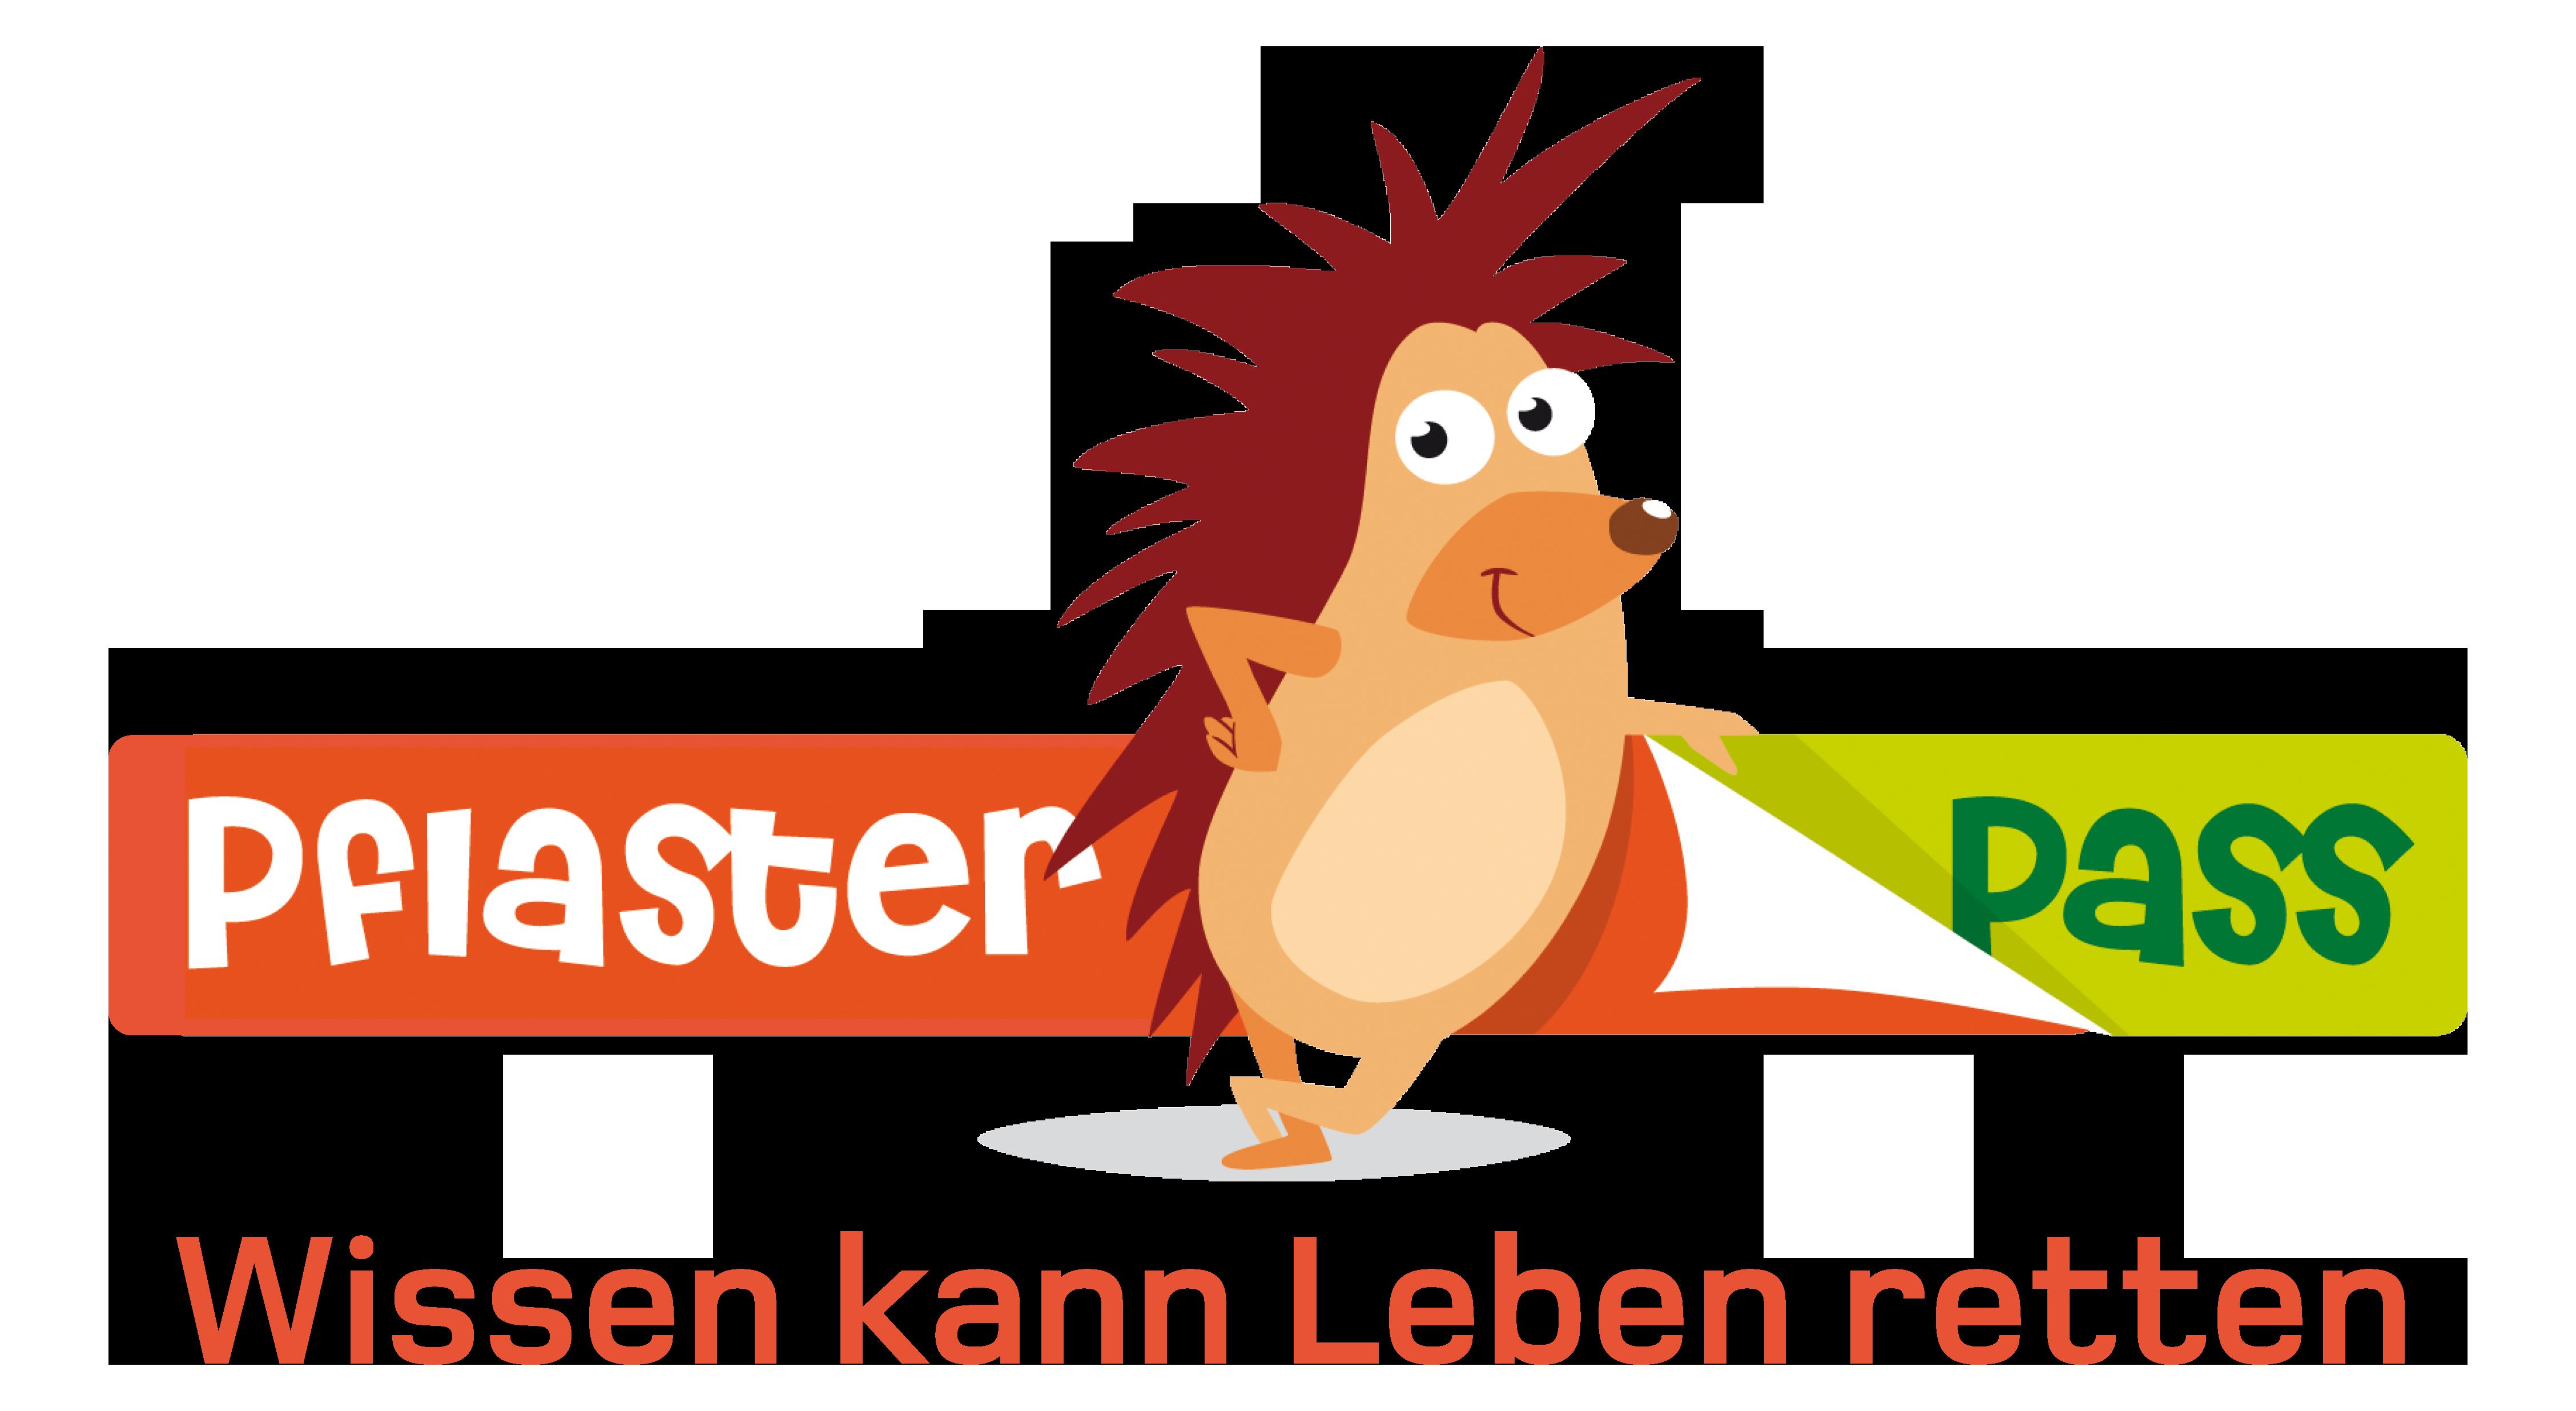 Logo Pflasterpass mit Schriftzug Wissen kann Leben retten